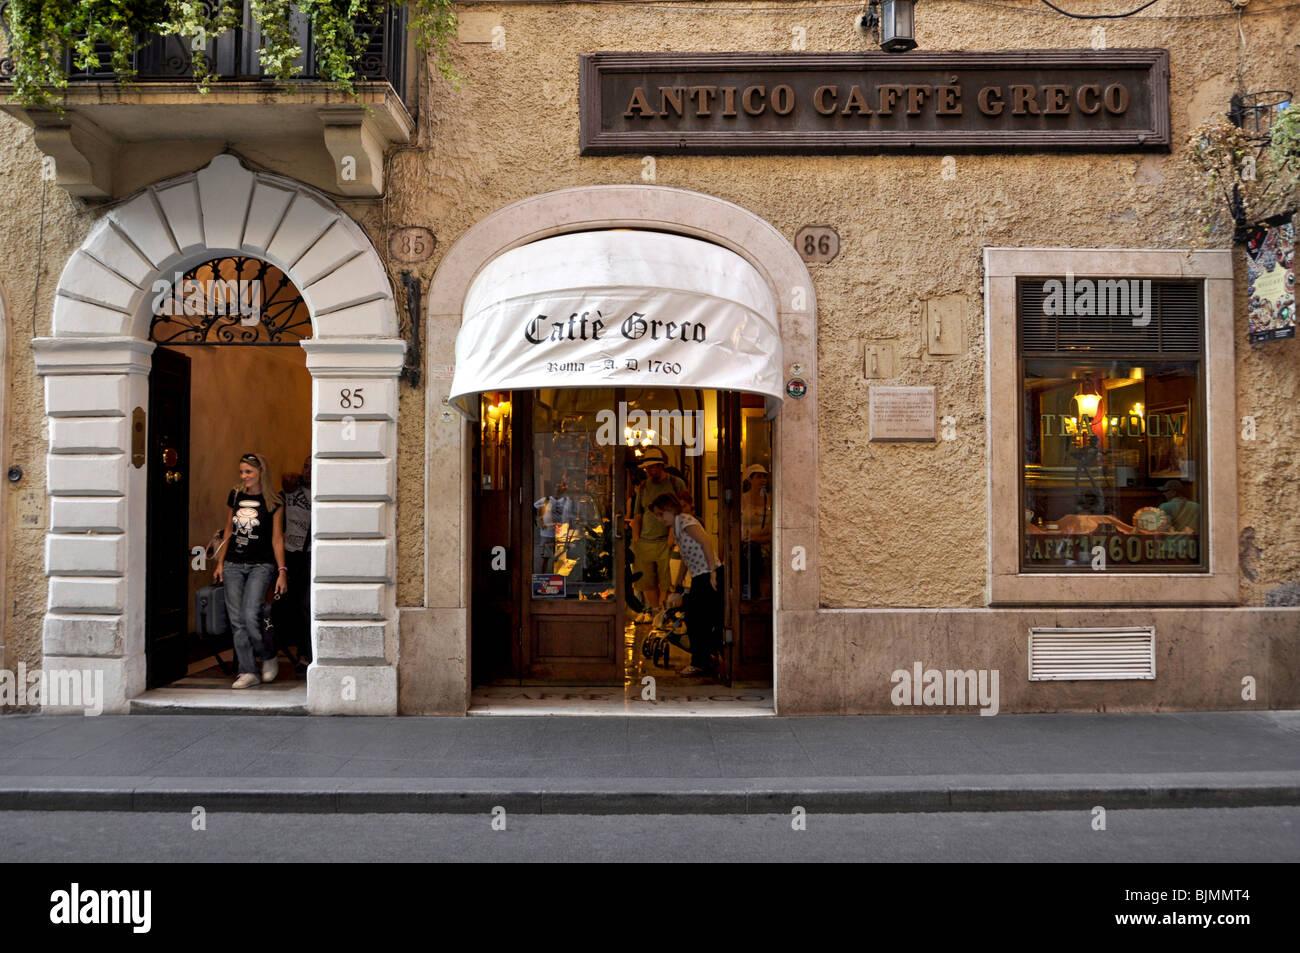 Antico Caffè Greco, Via dei Condotti, Rome, Lazio, Italy, Europe - Stock Image